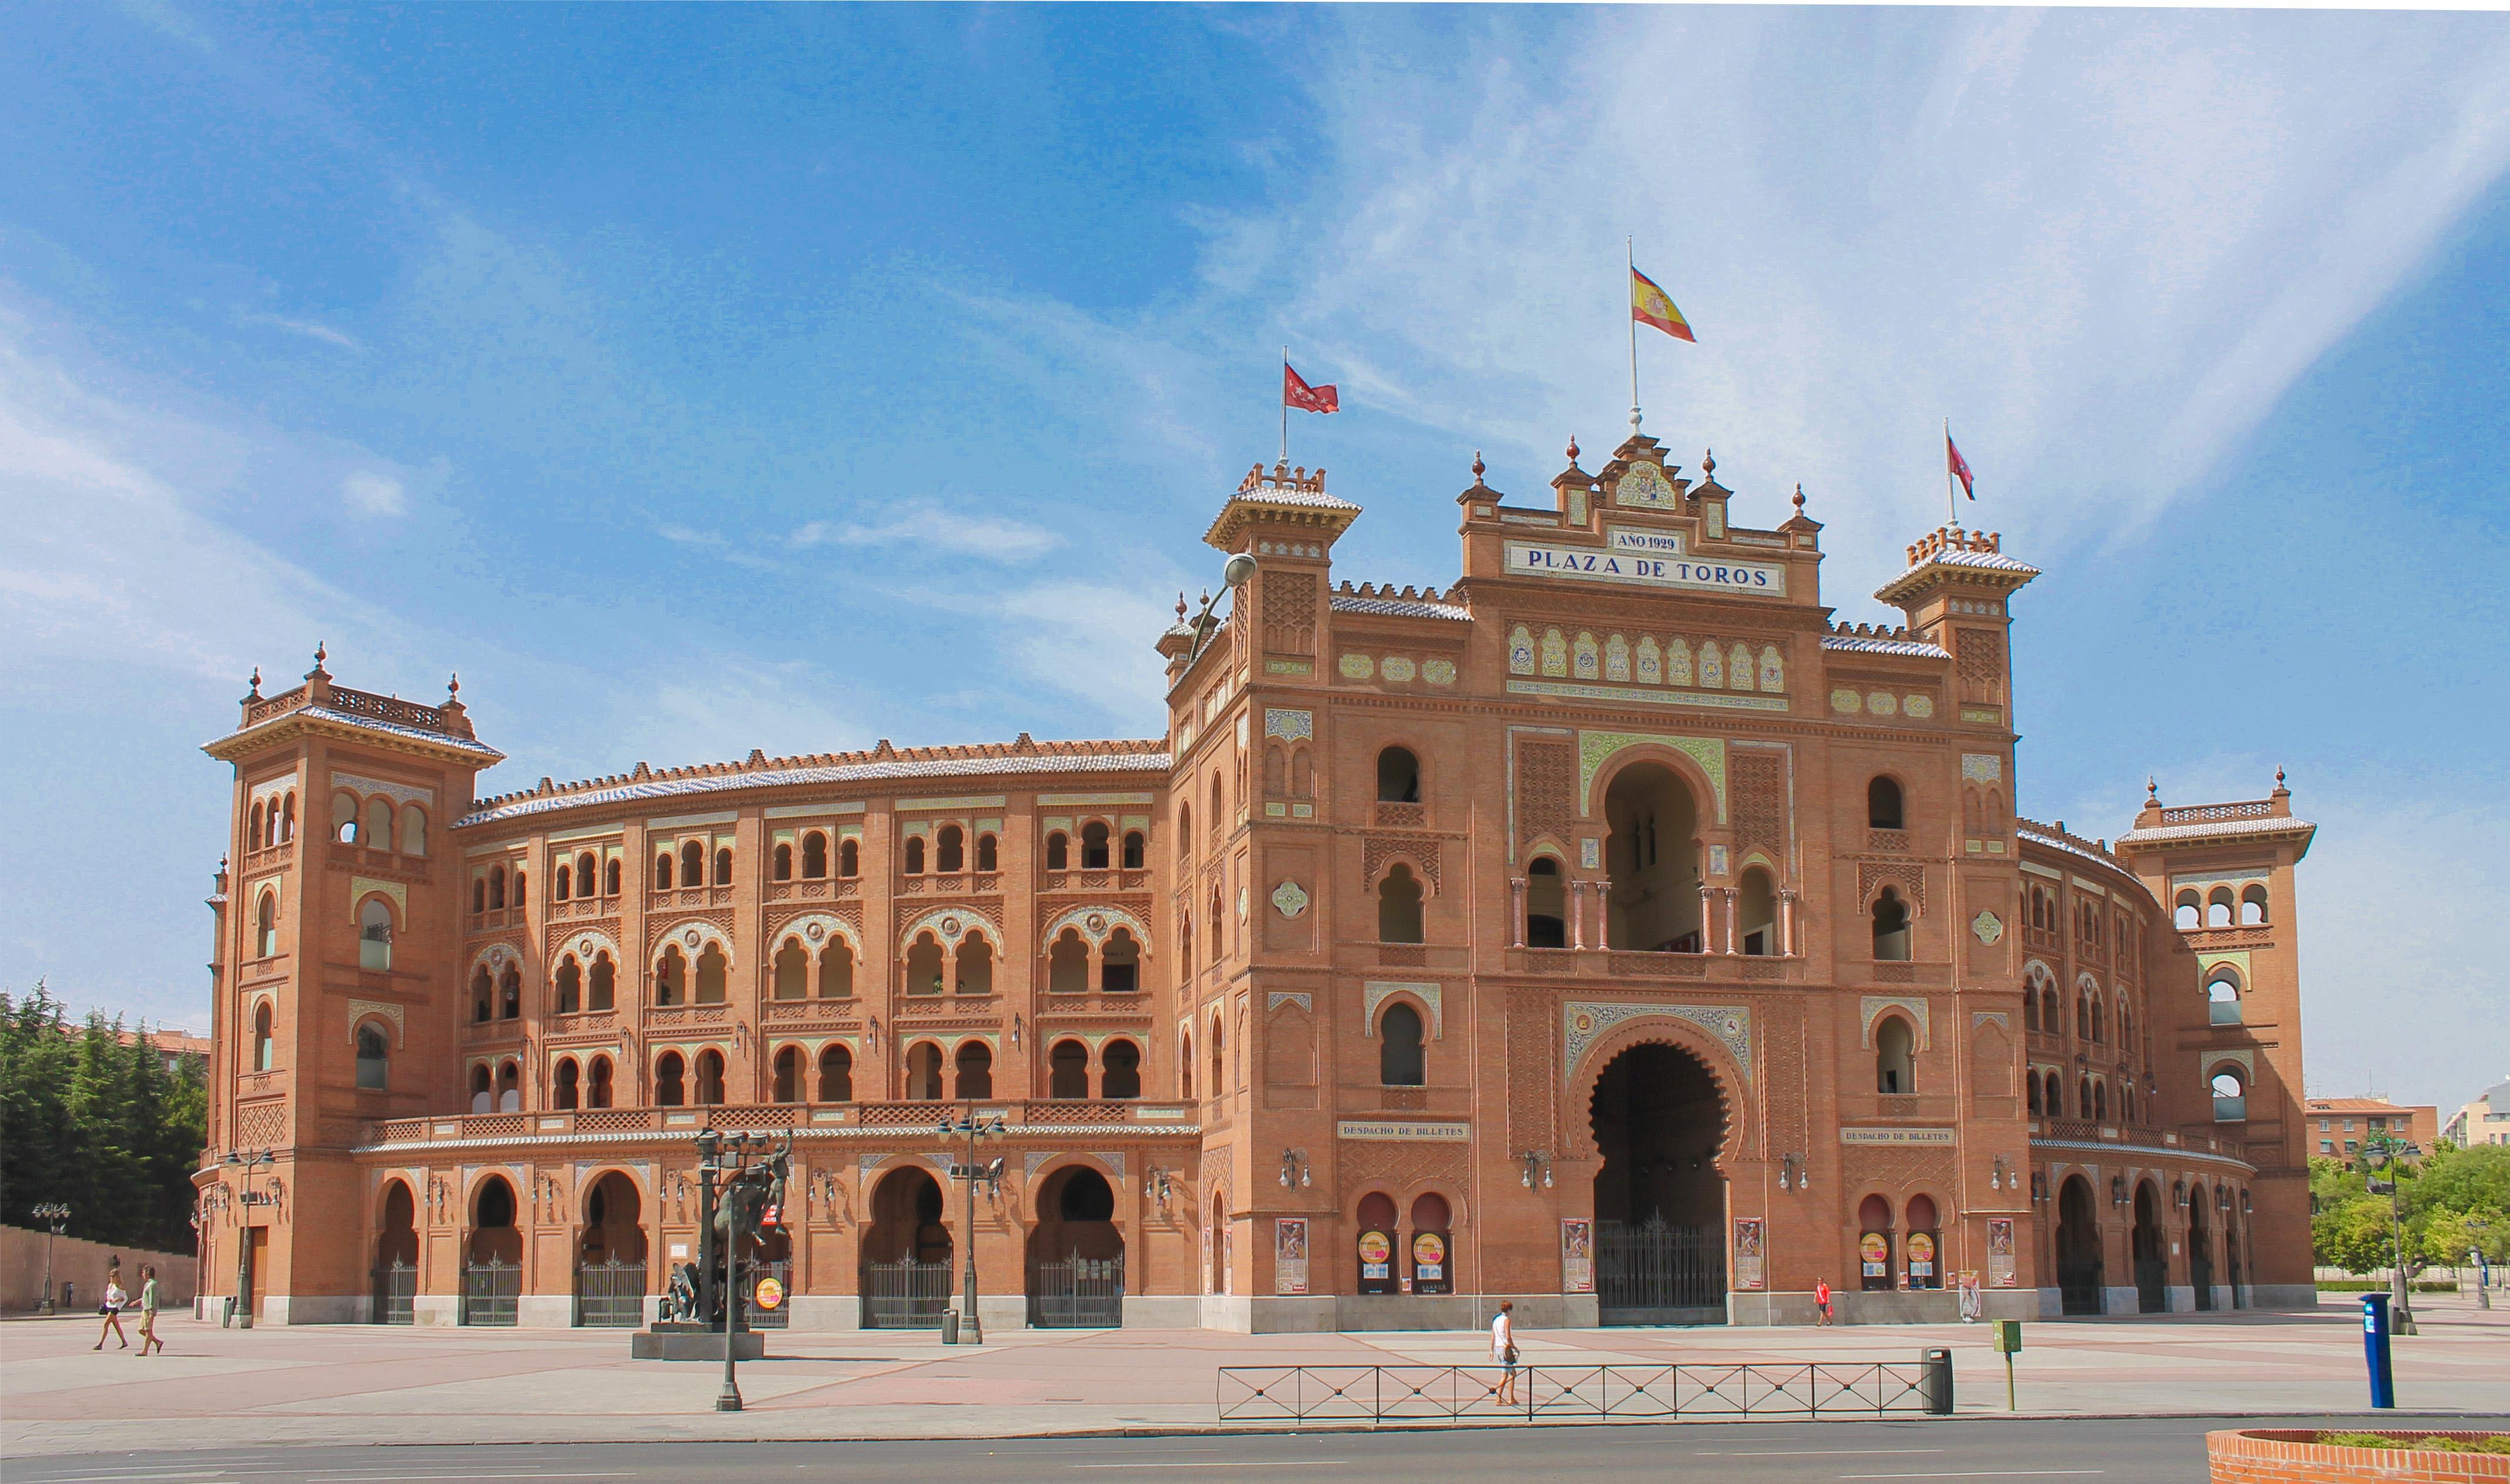 Plaza de los toros en Madrid